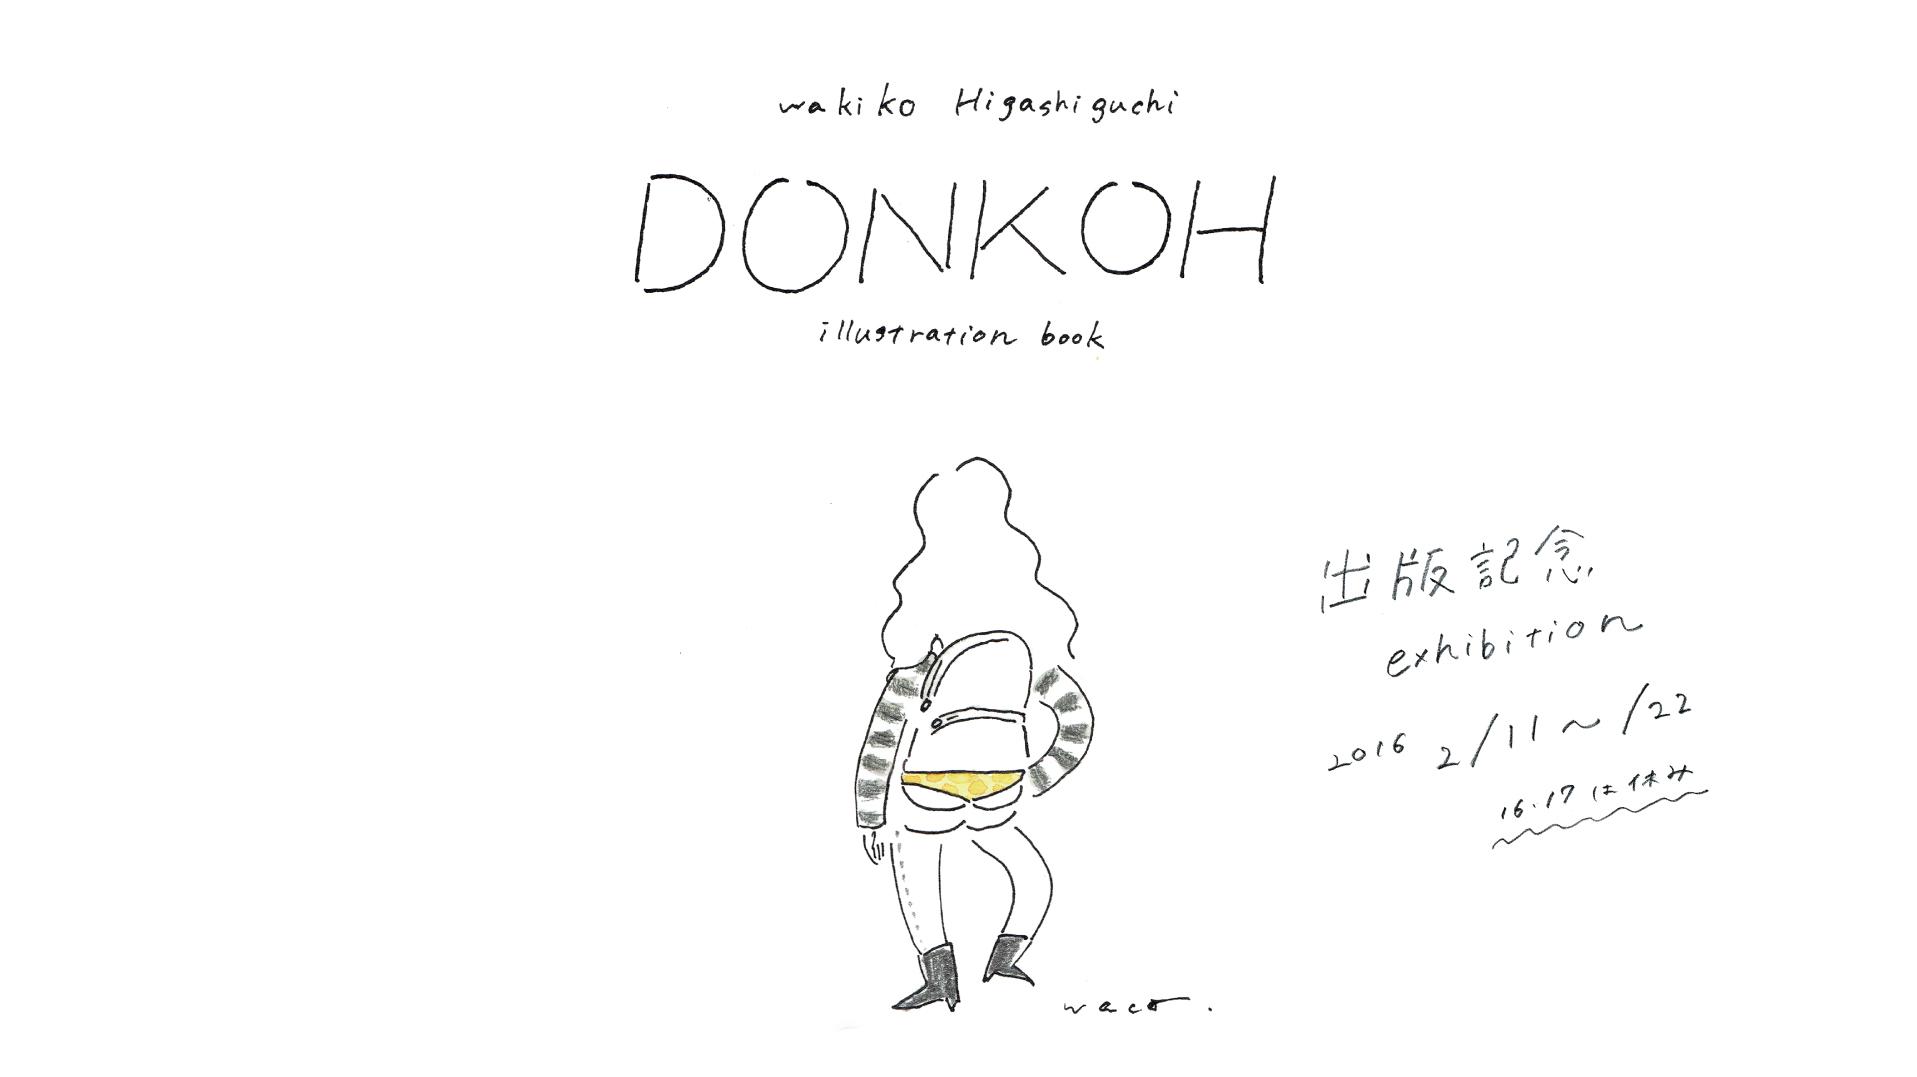 Wakiko Higashiguchi 「DONKOH」出版記念exhibition